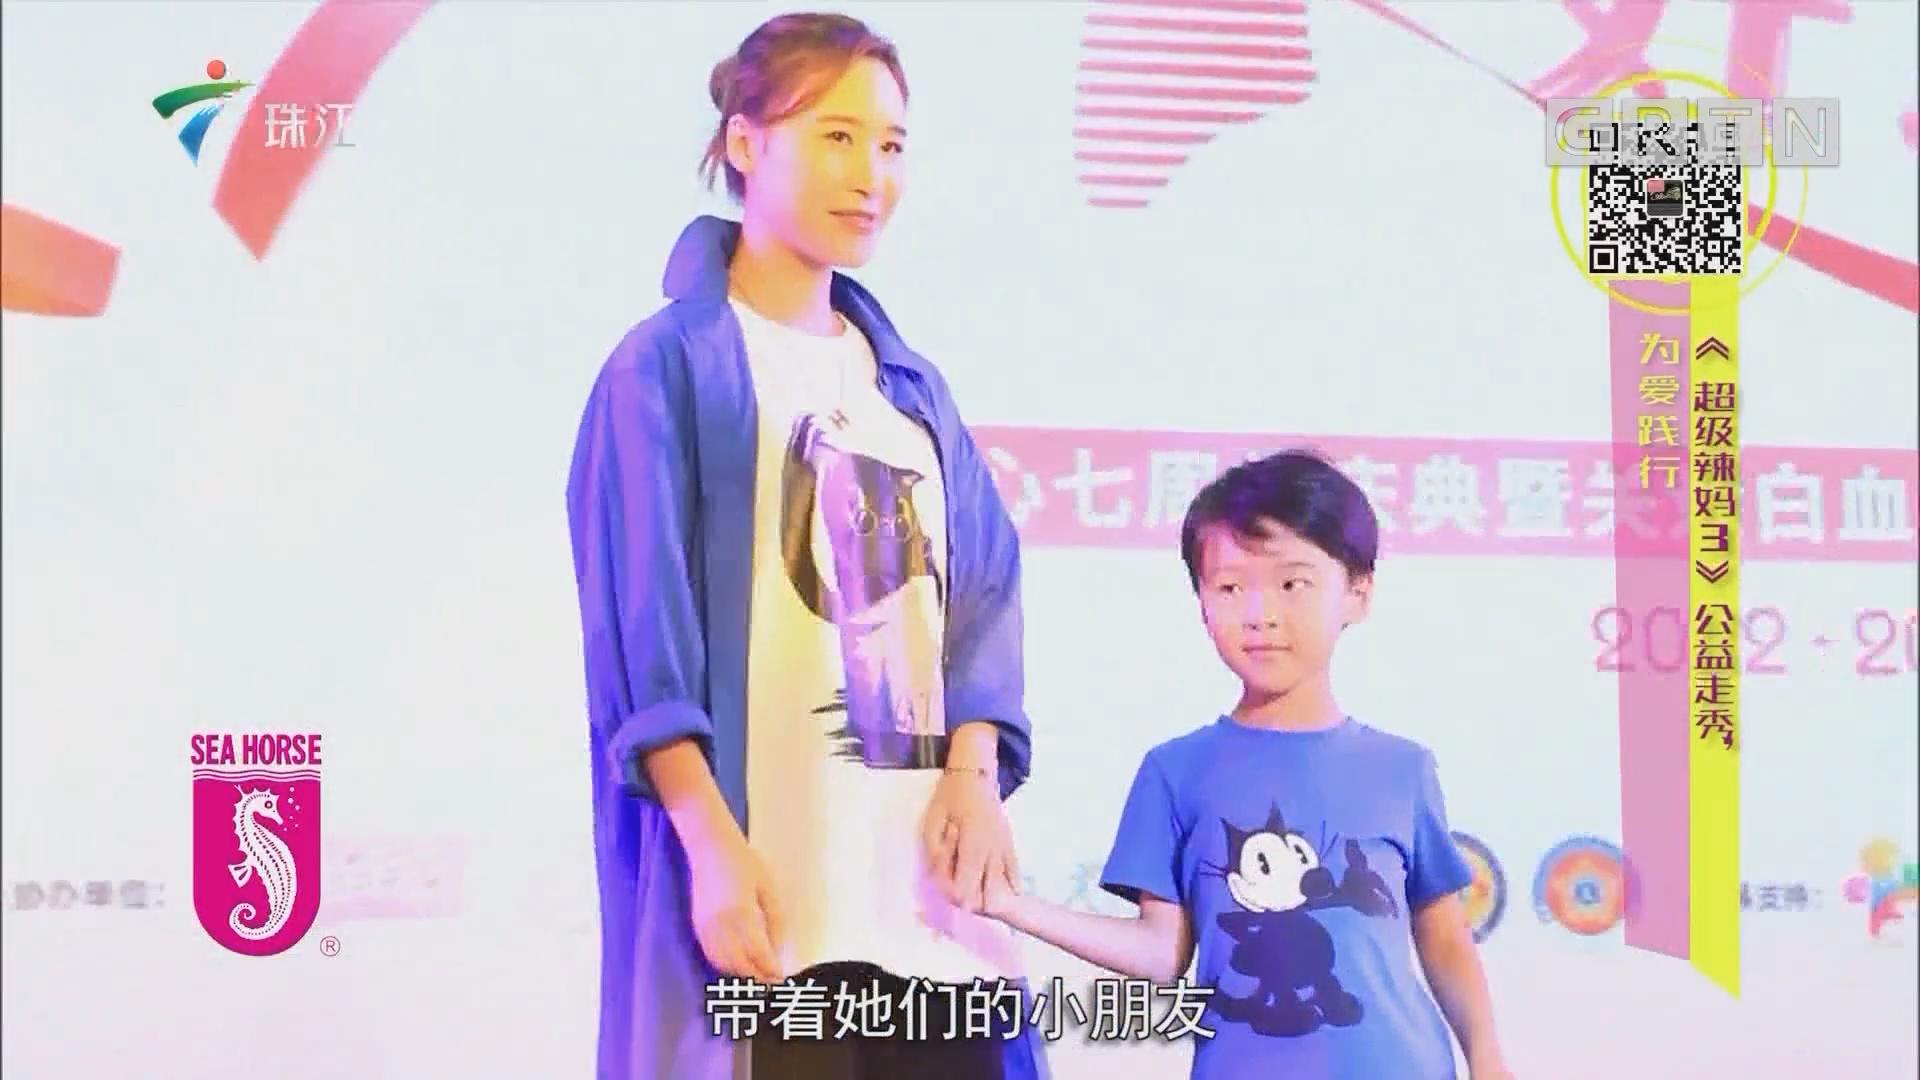 《超级辣妈3》公益走秀 为爱践行